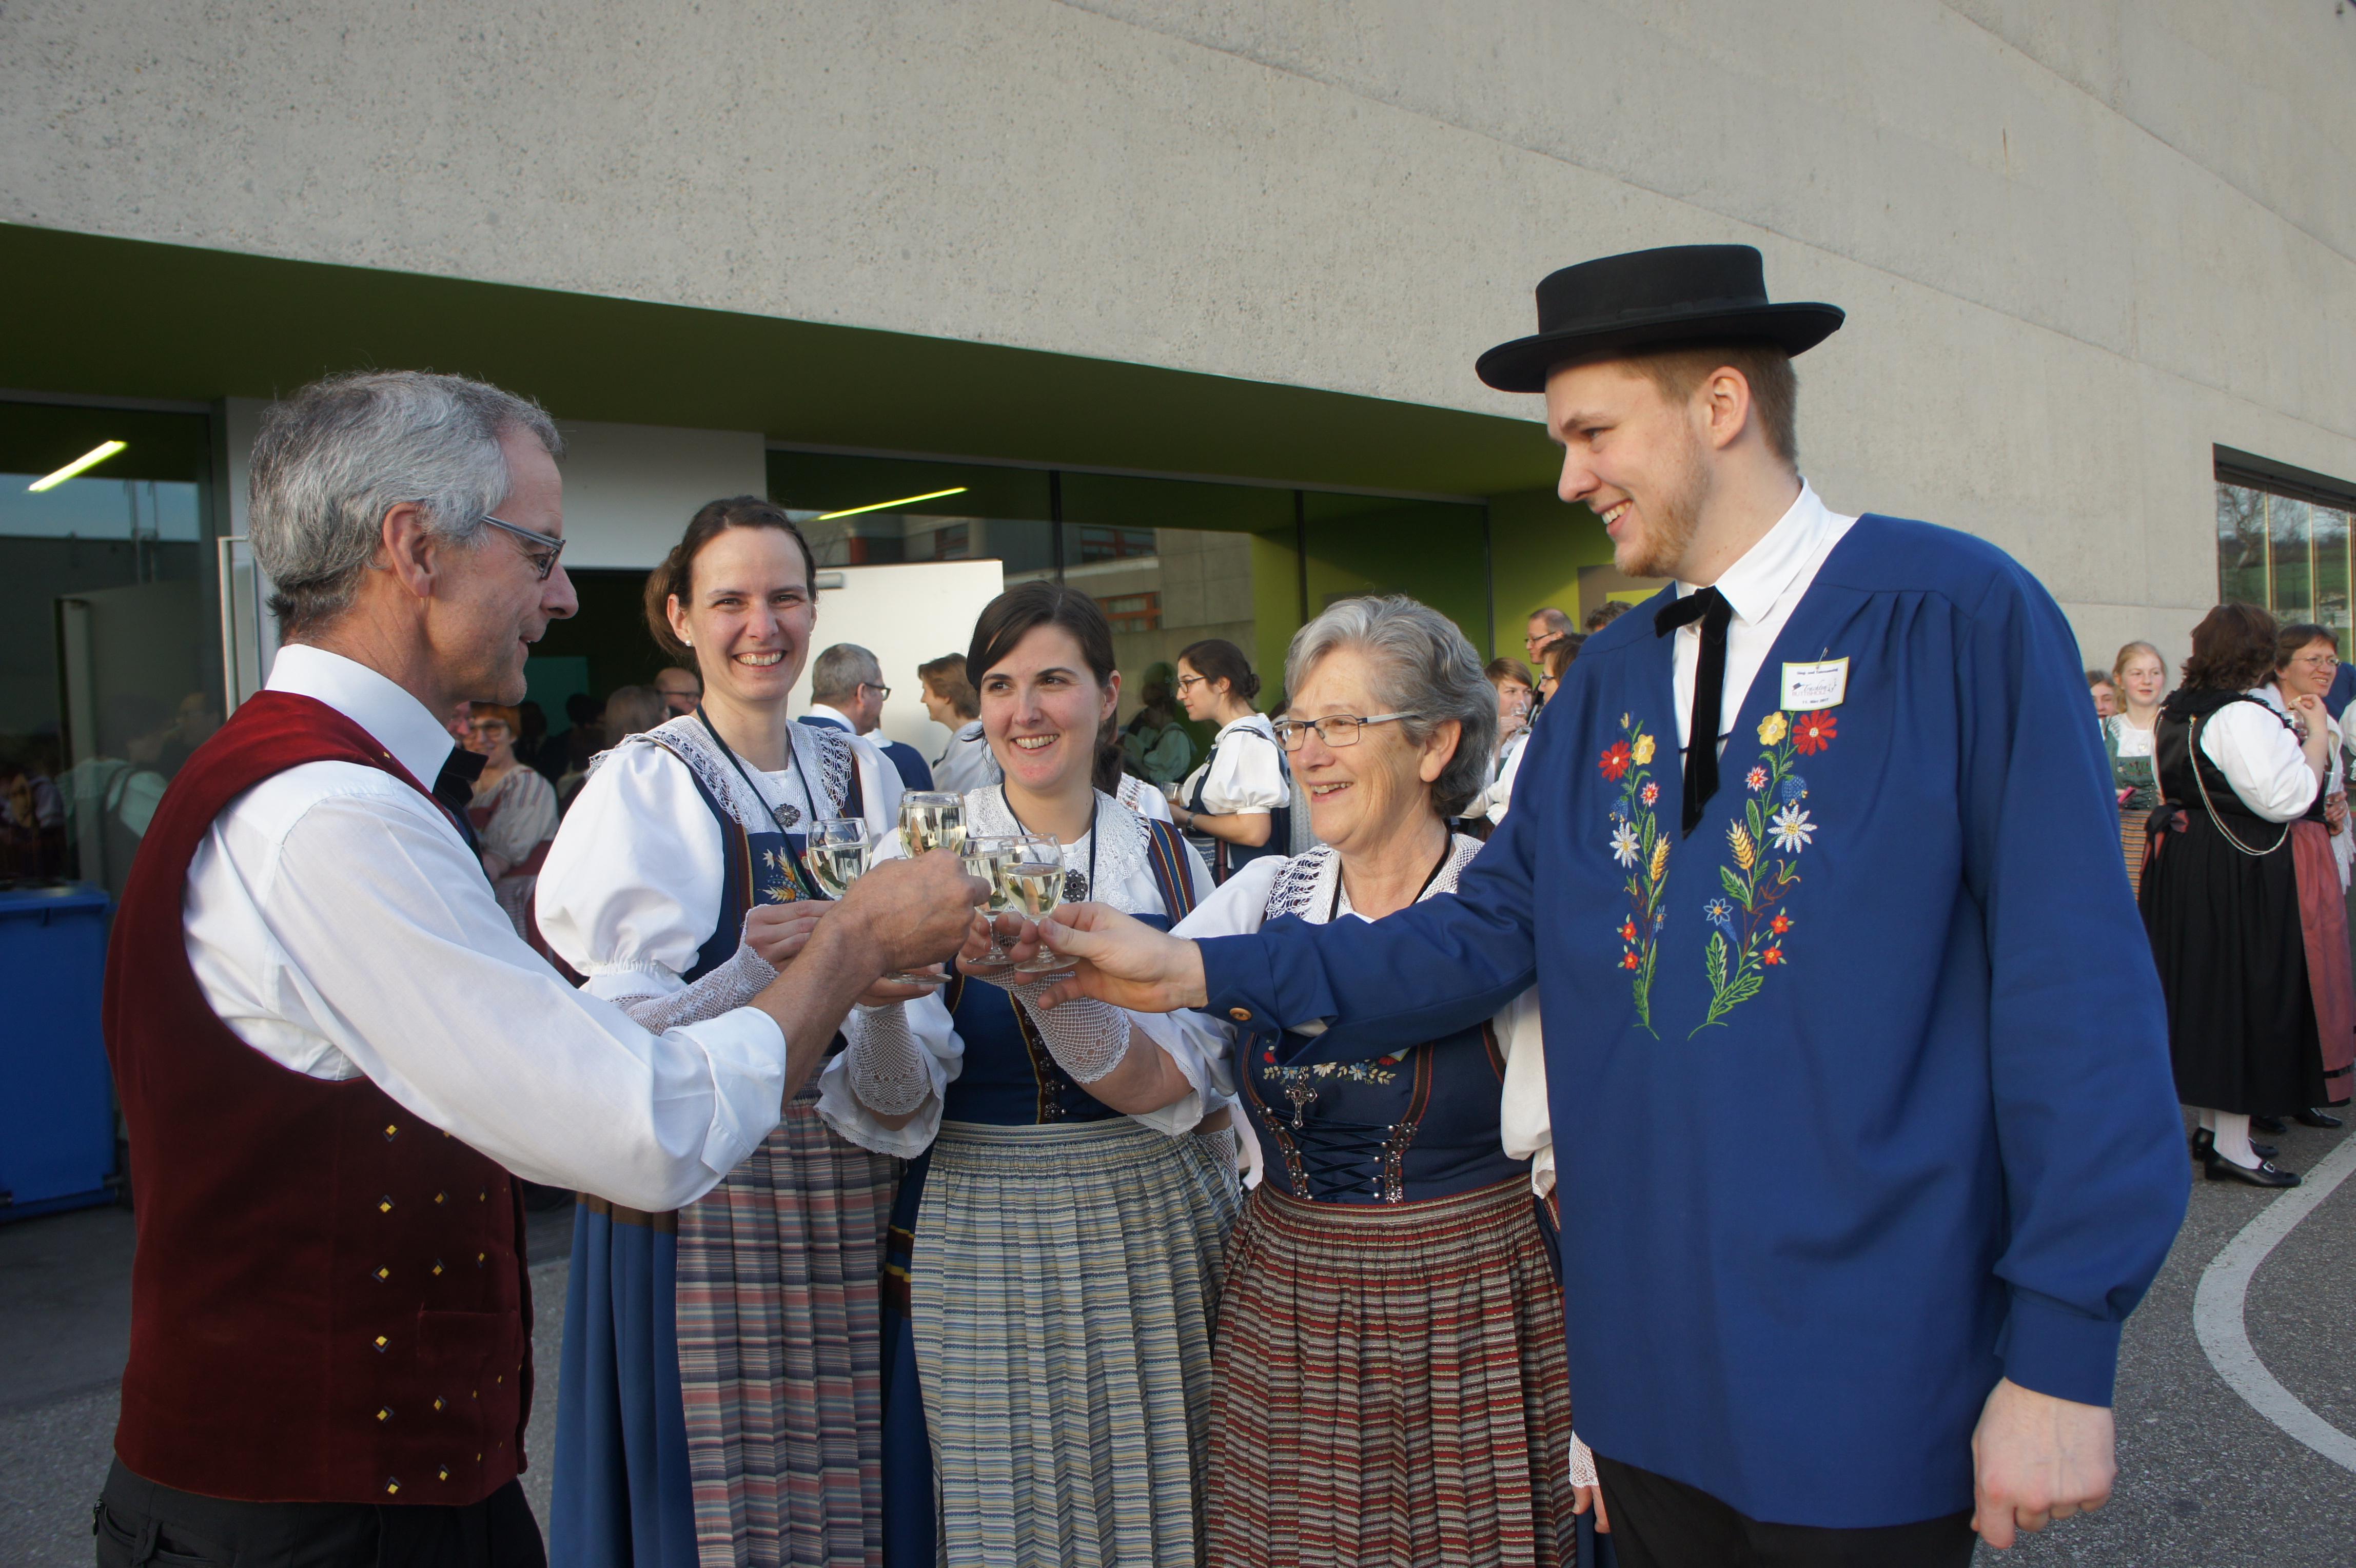 Das-90-Jahr-Jubil-um-feiern